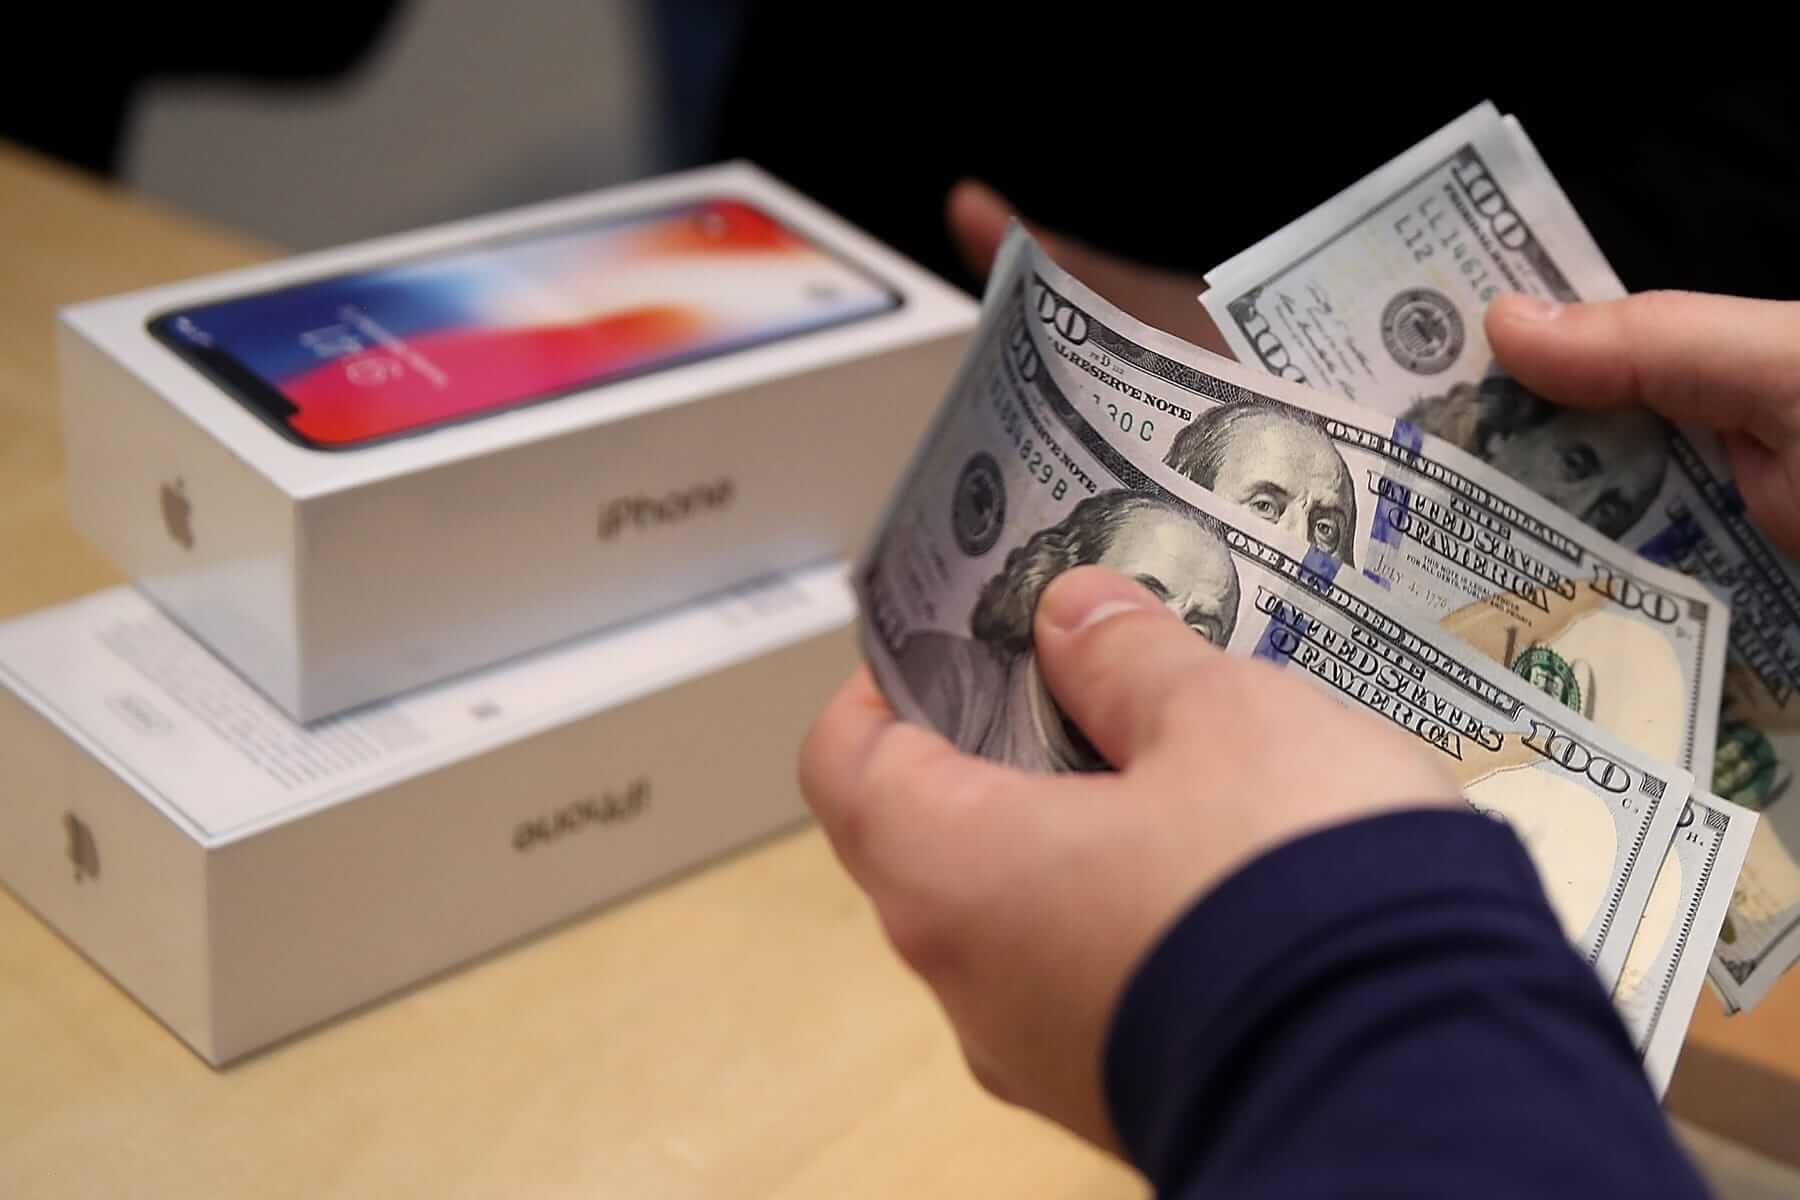 #Реклама: Как купить iPhone существенно дешевле чем в магазине?